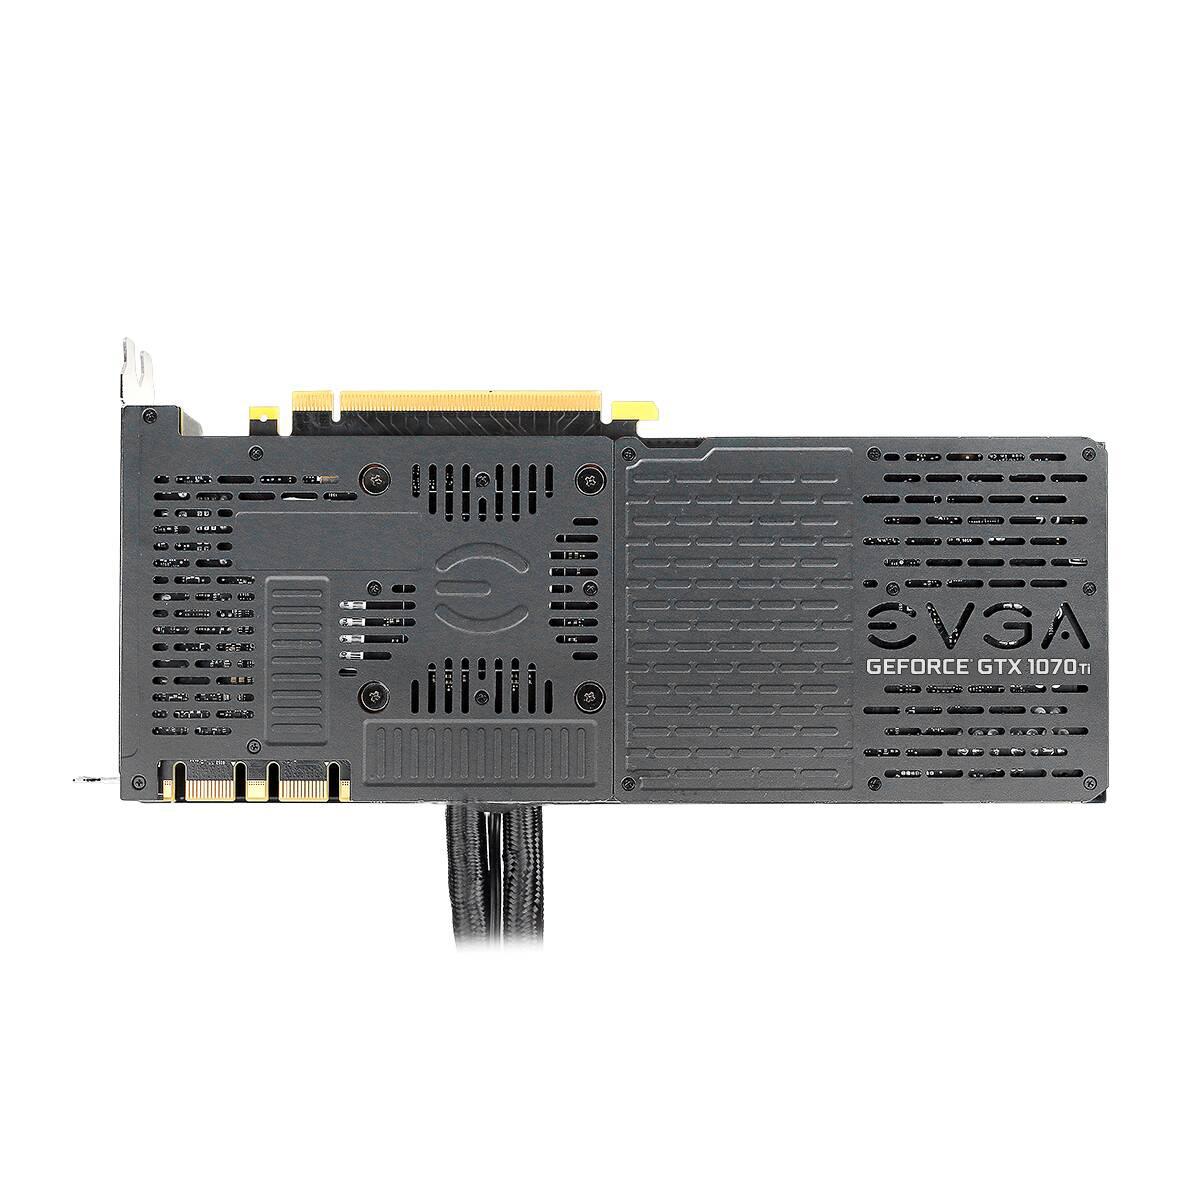 evga-geforce-gtx-1070-ti-gaming-sc-hybrid_5